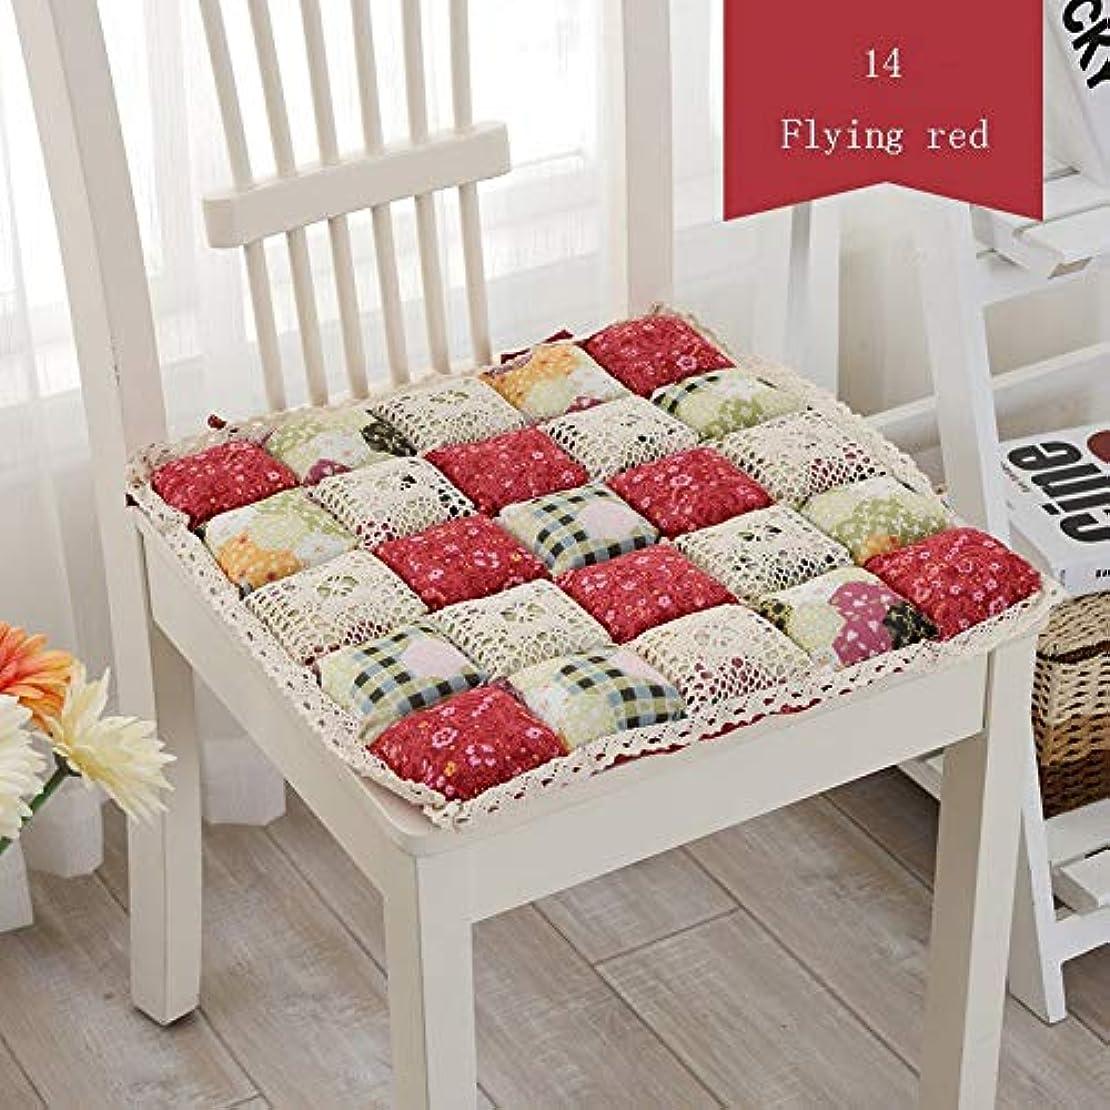 マーカーオープニング順応性のあるLIFE 1 個抗褥瘡綿椅子クッション 24 色ファッションオフィス正方形クッション学生チェアクッション家の装飾厚み クッション 椅子